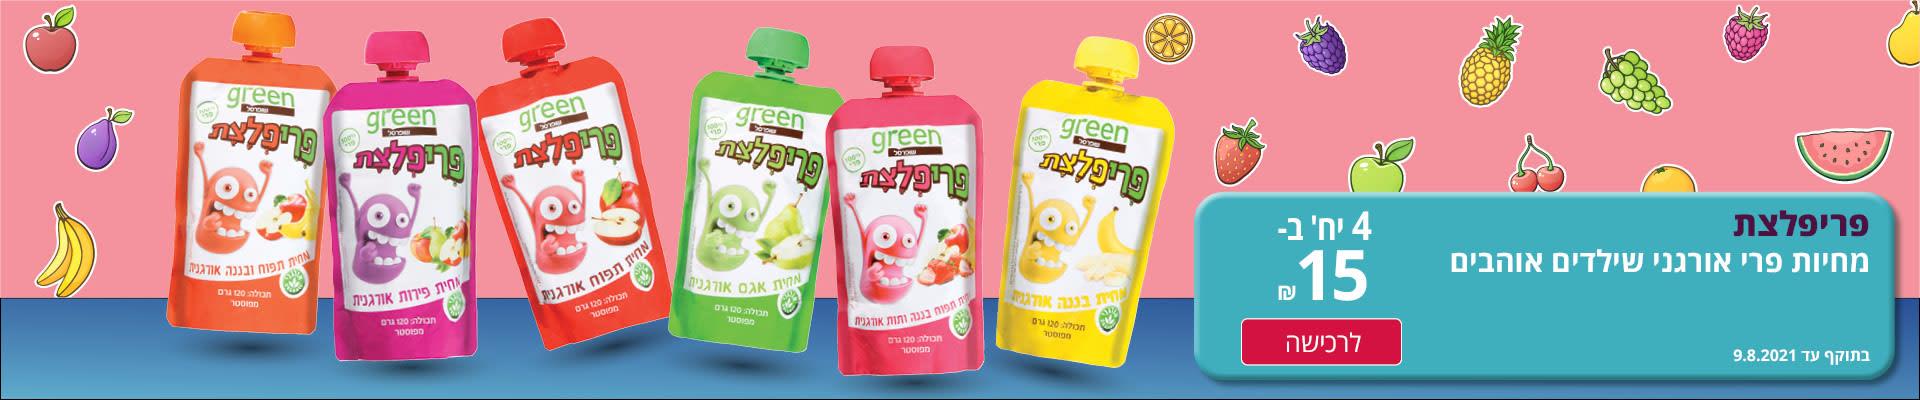 פריצפלצת מחיות פרי אורגני שילדים אוהבים 4 יח' ב-15 ₪ לרכישה בתוקף עד 9.8.2021